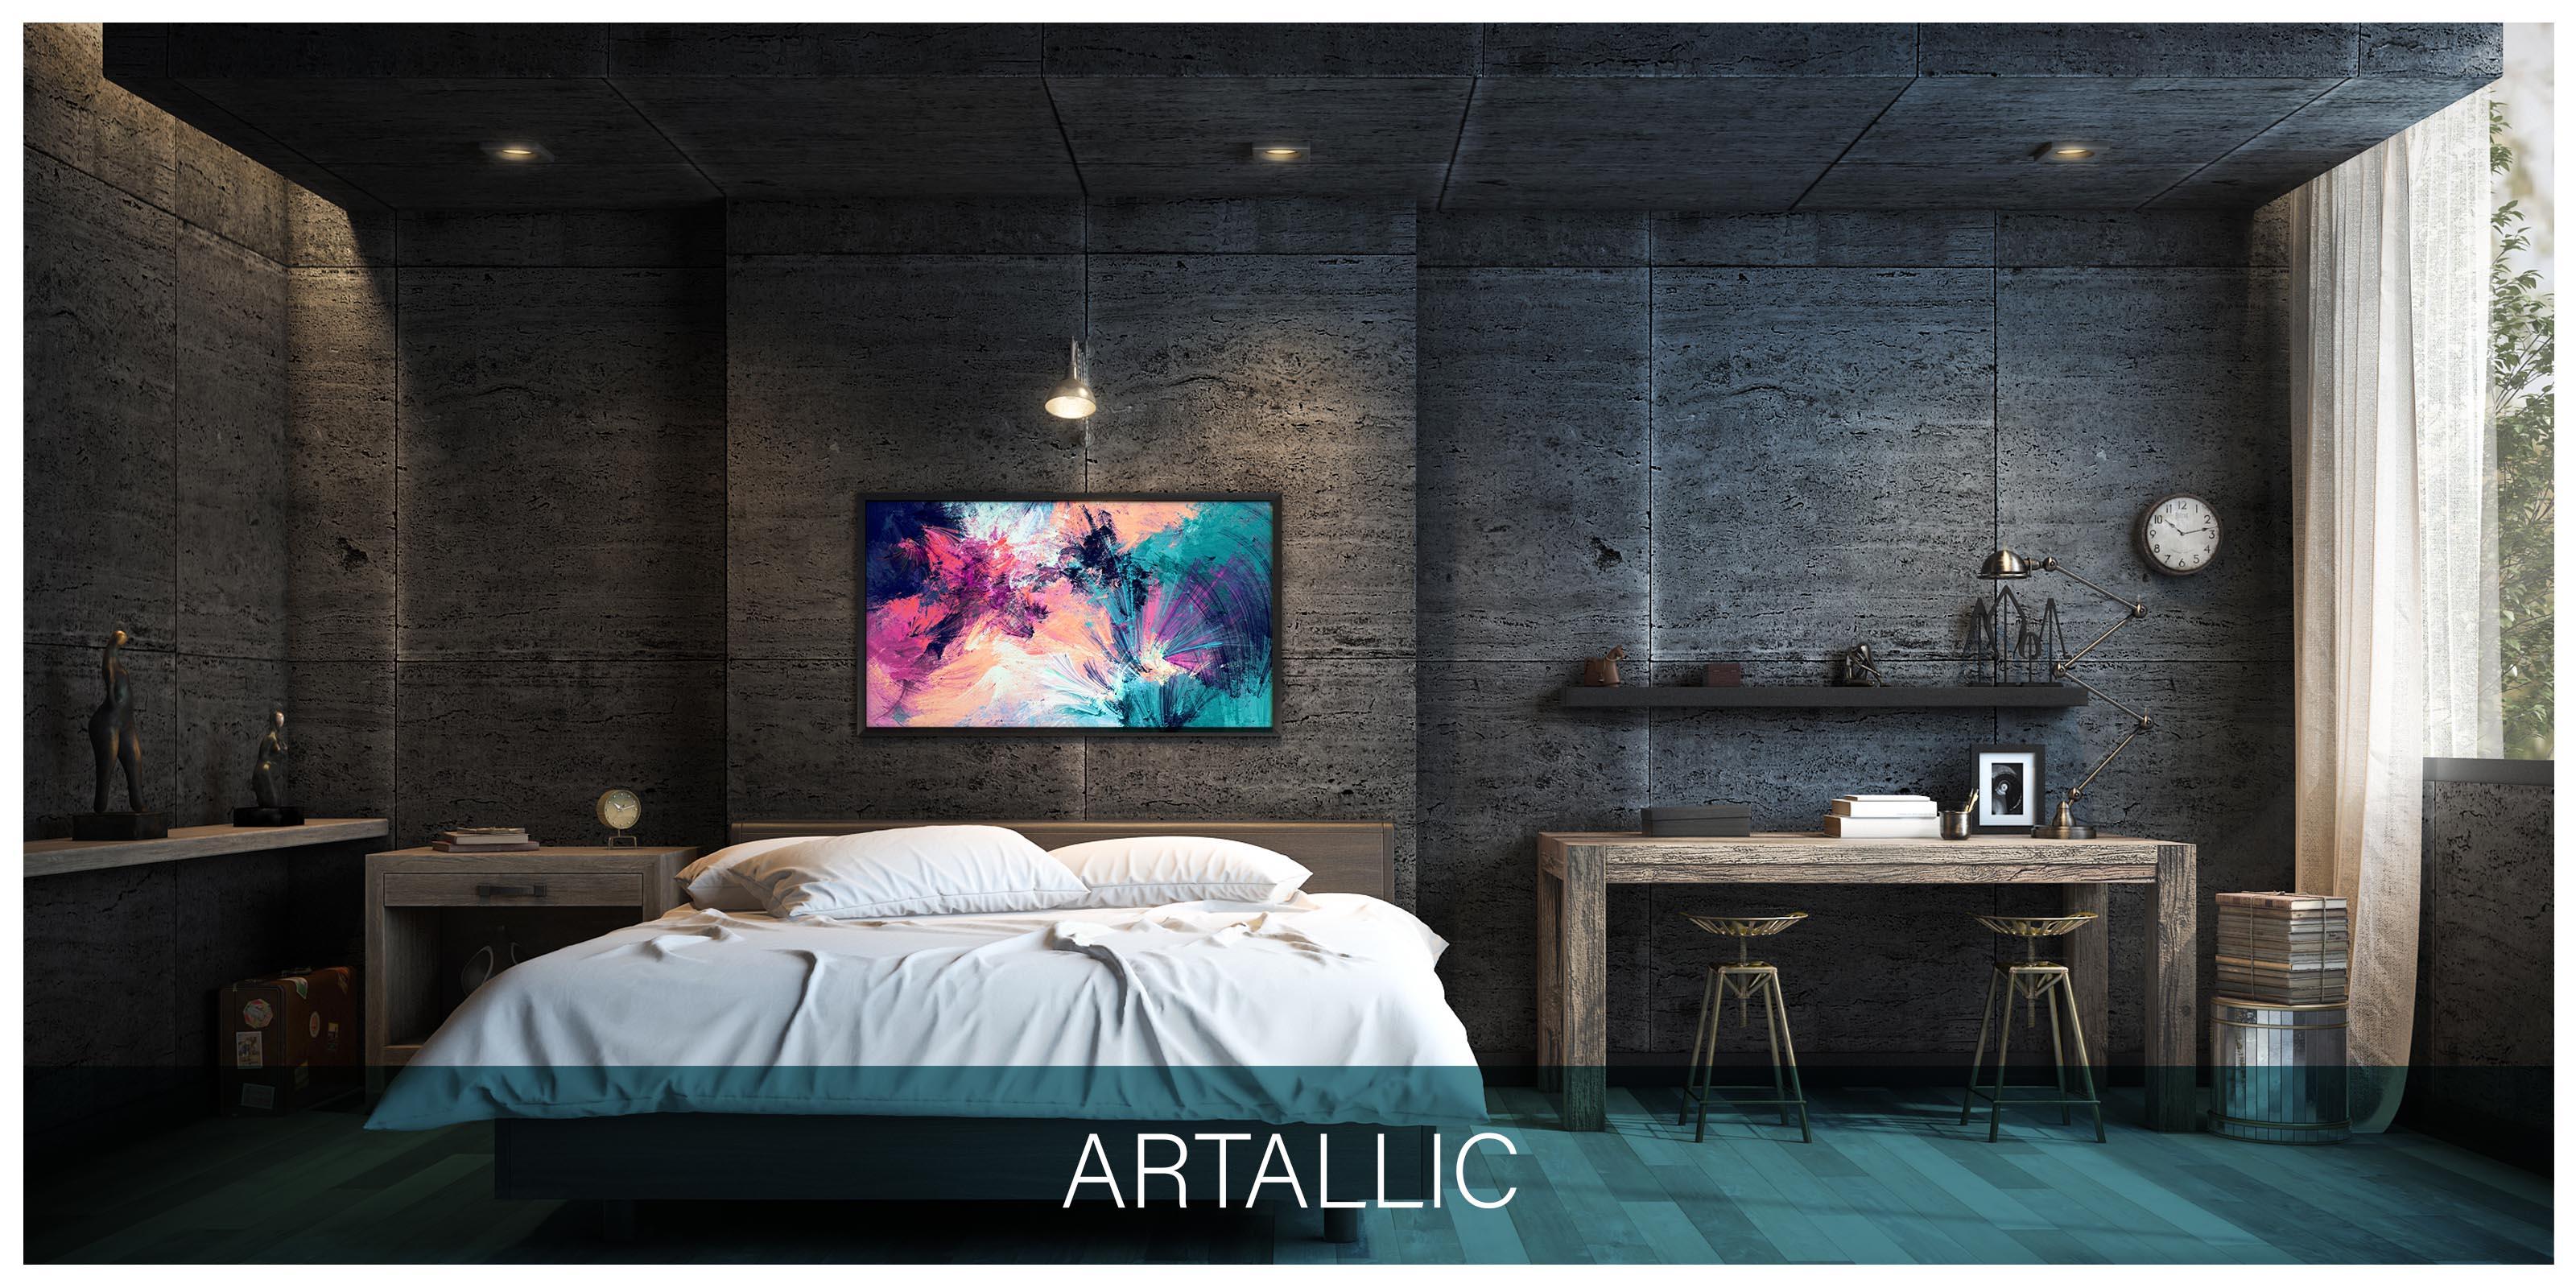 artellic-2kolom-tekst